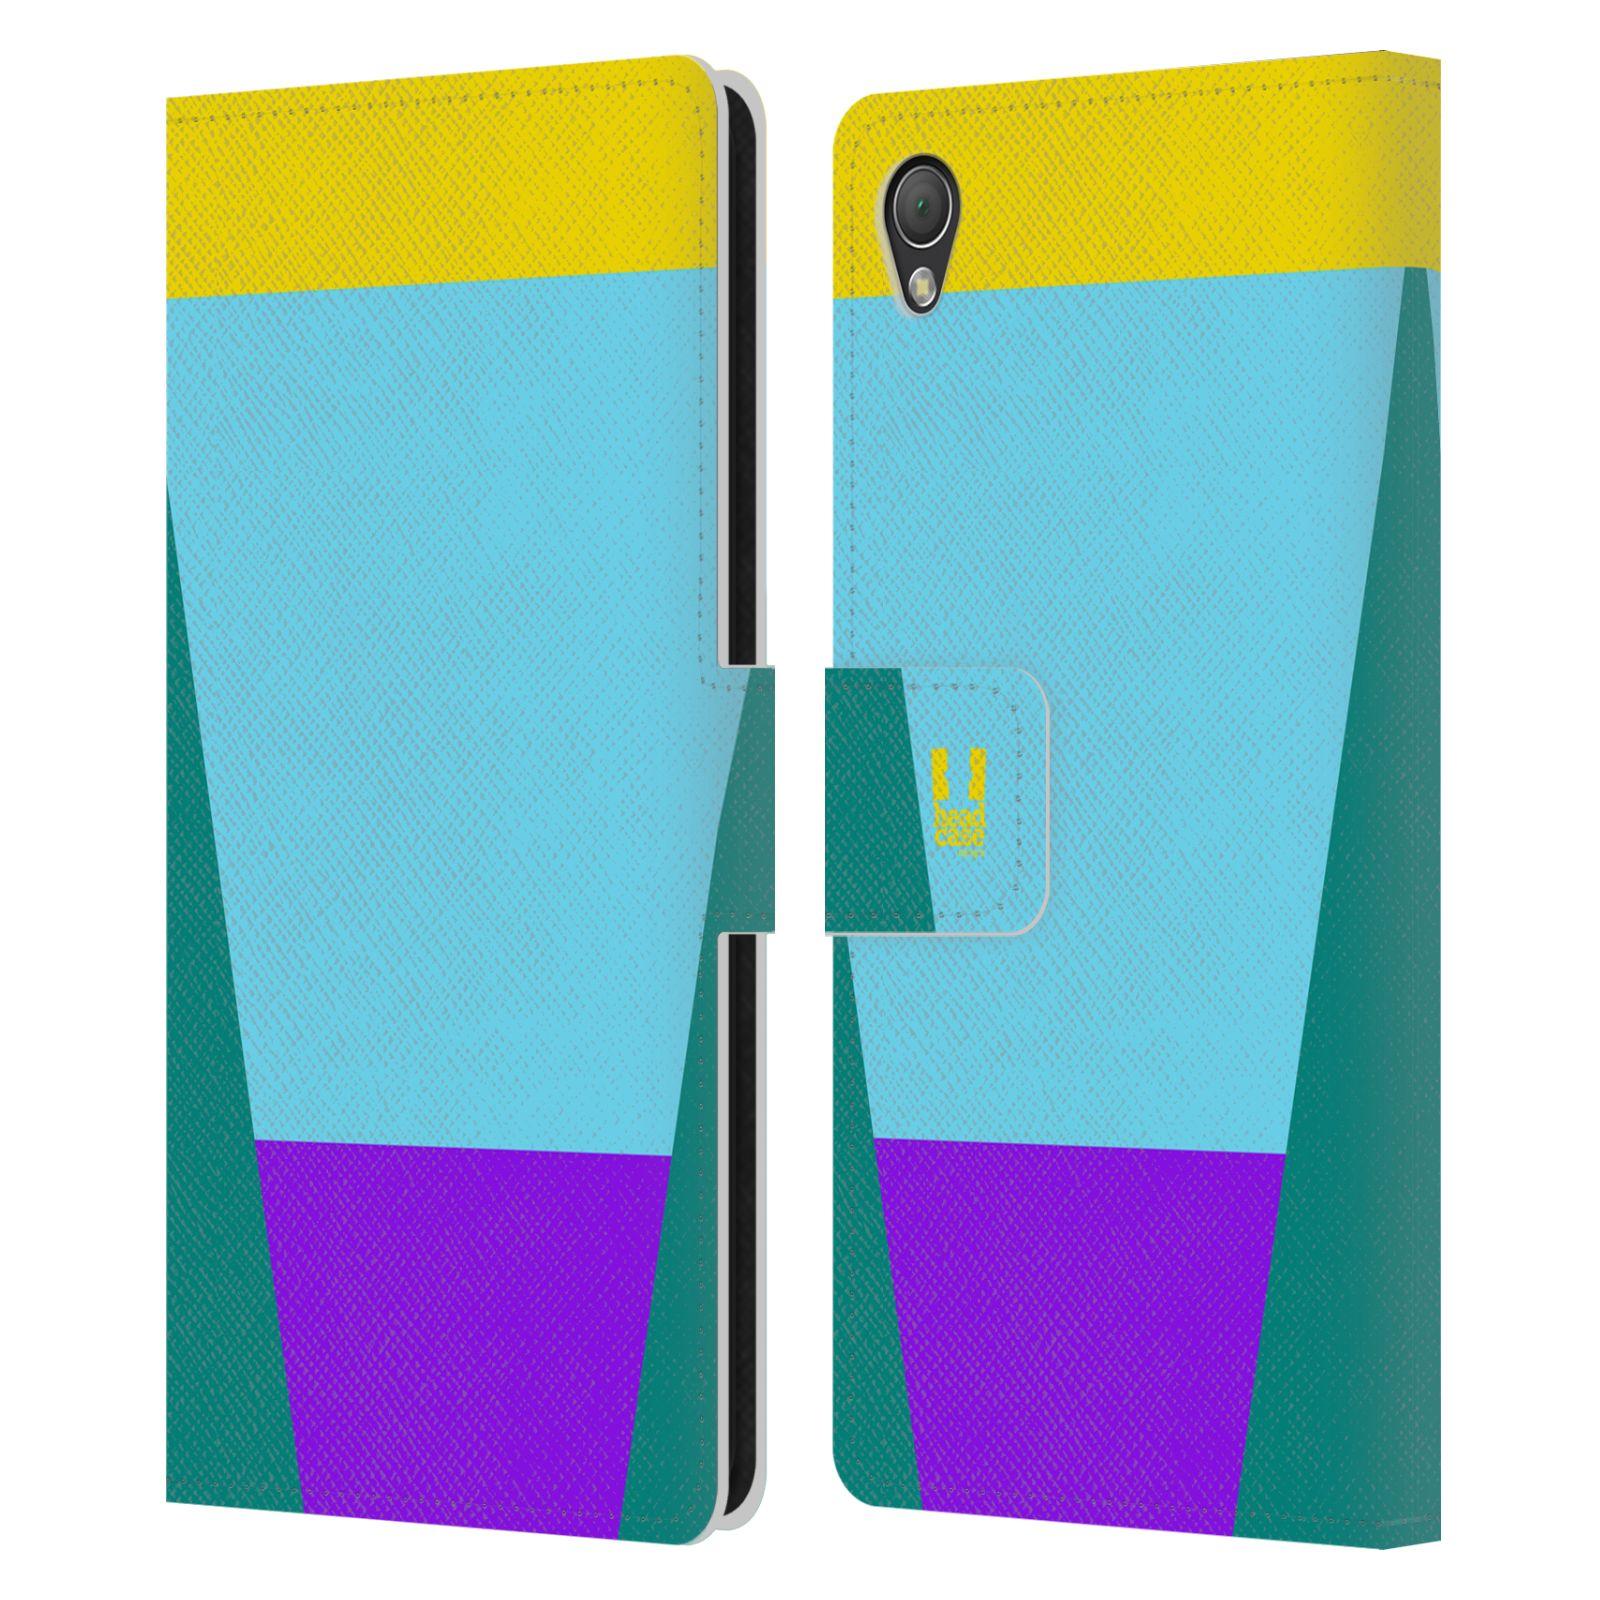 HEAD CASE Flipové pouzdro pro mobil SONY XPERIA Z3 barevné tvary nebesky modrá